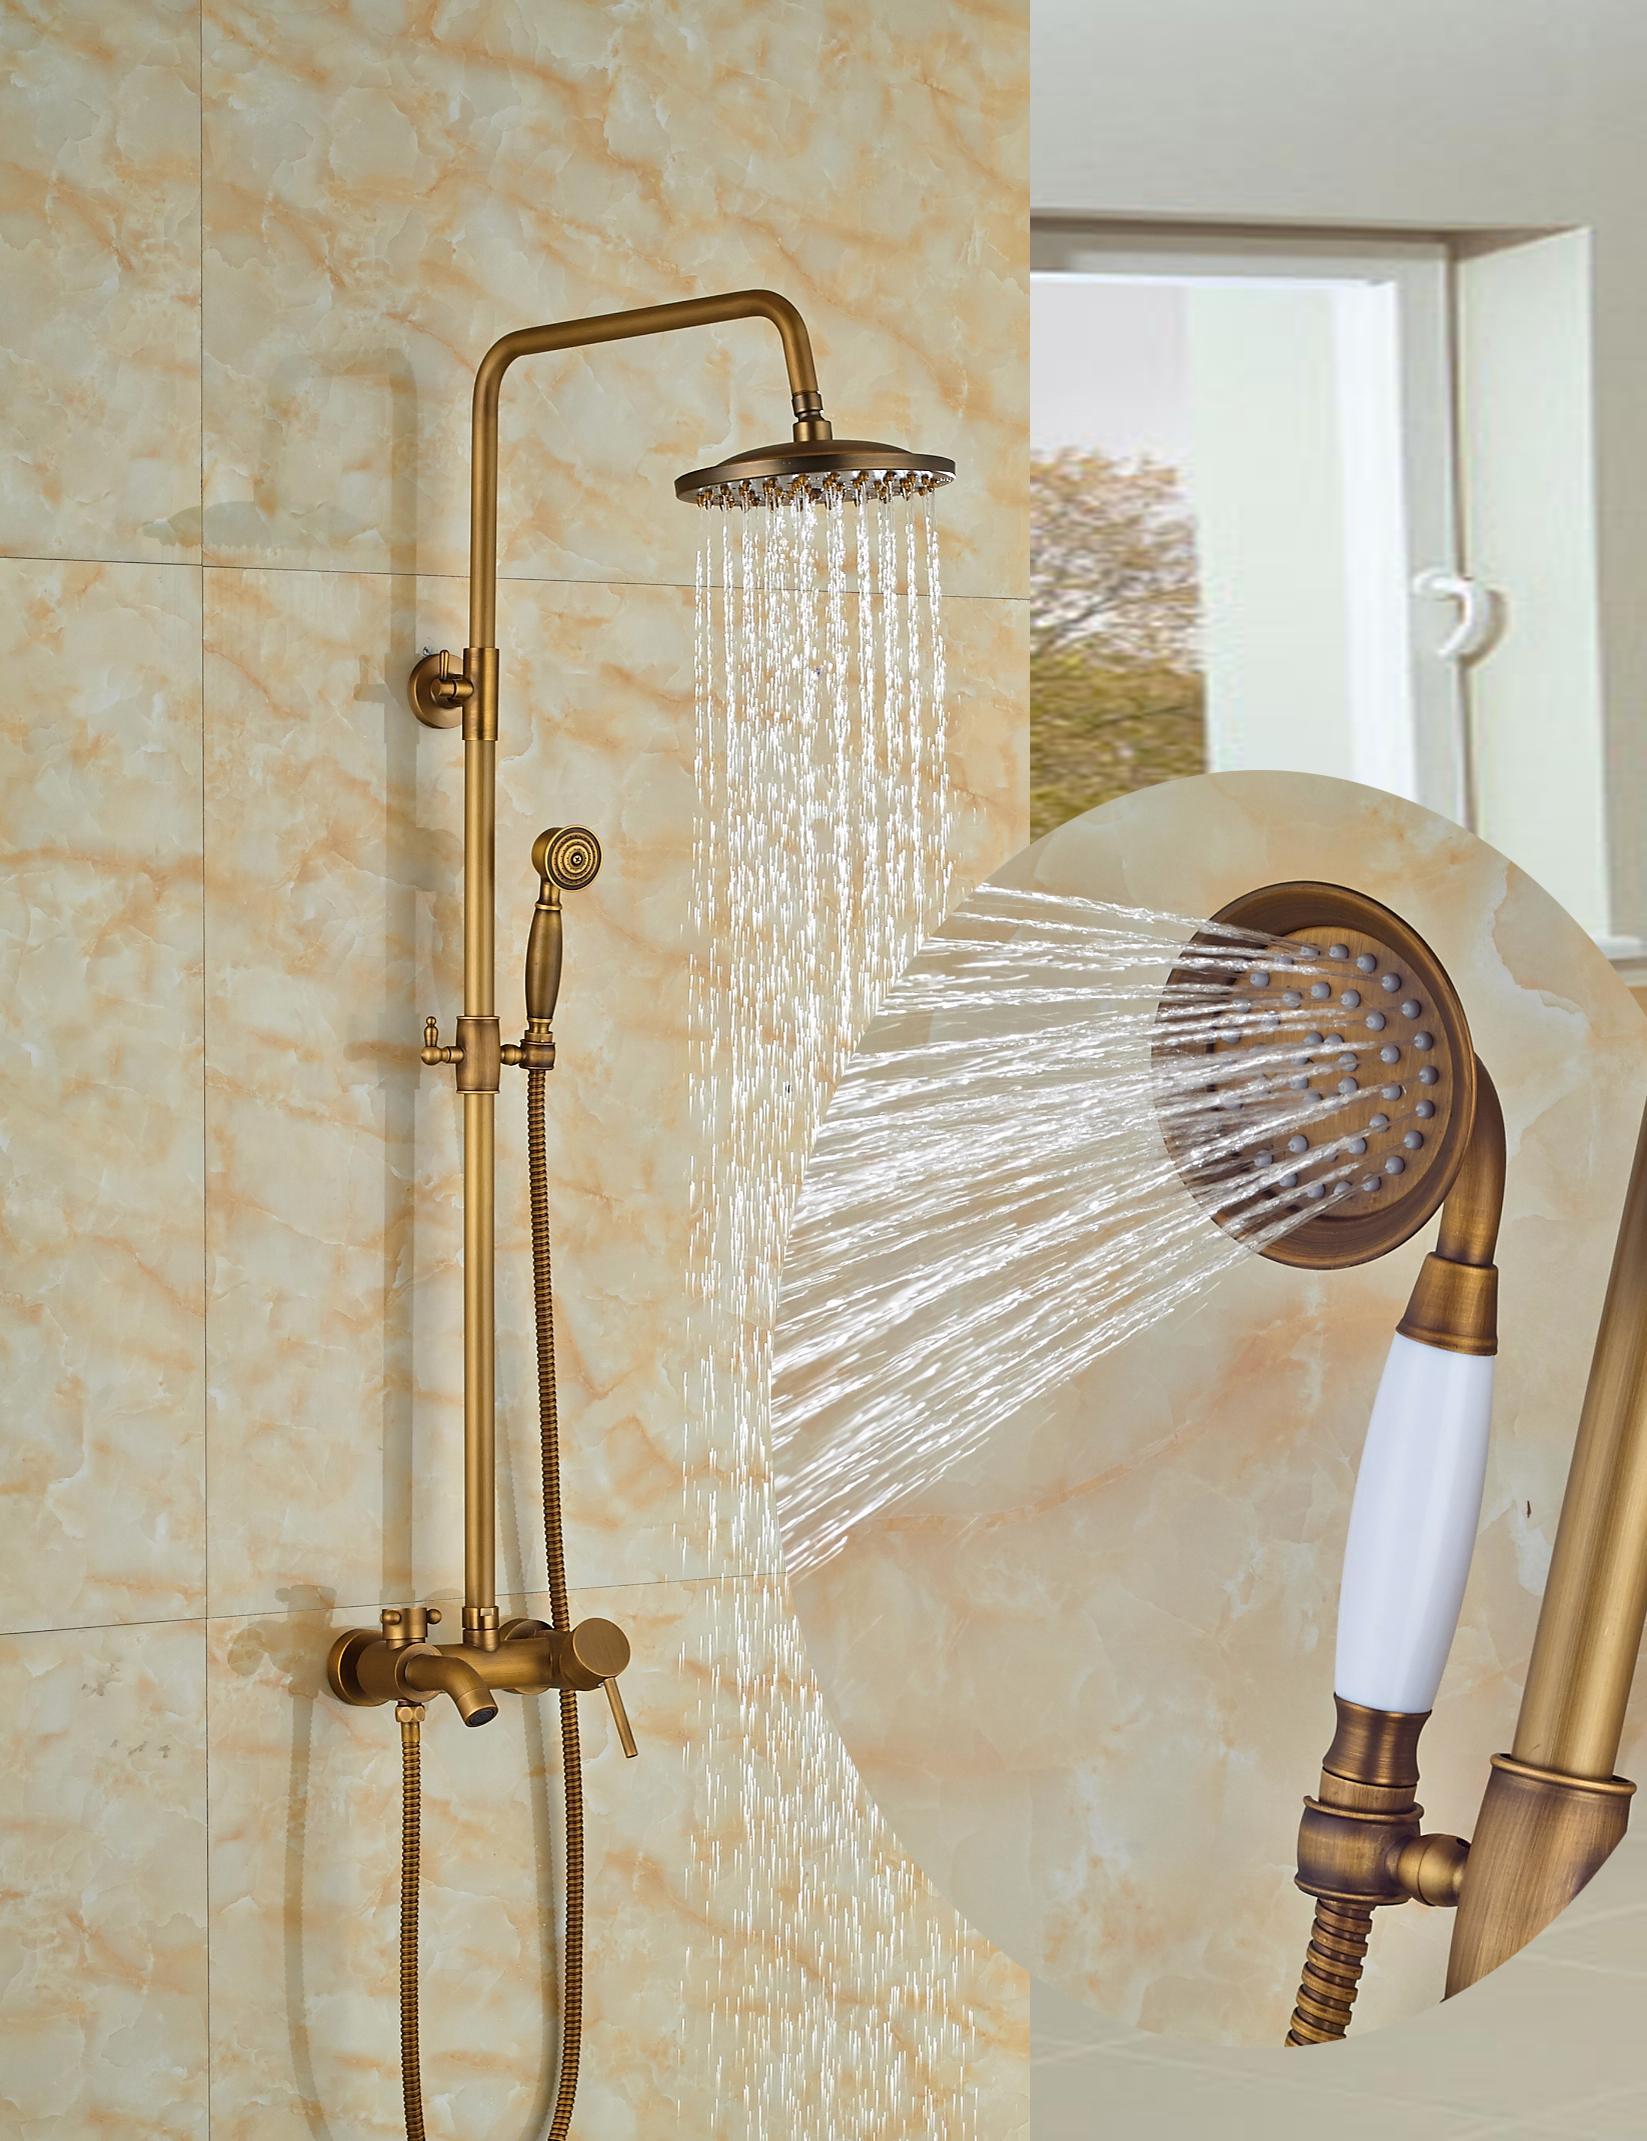 2019 wholesale and retail antique brass tub spout valve 8 round rain rh dhgate com